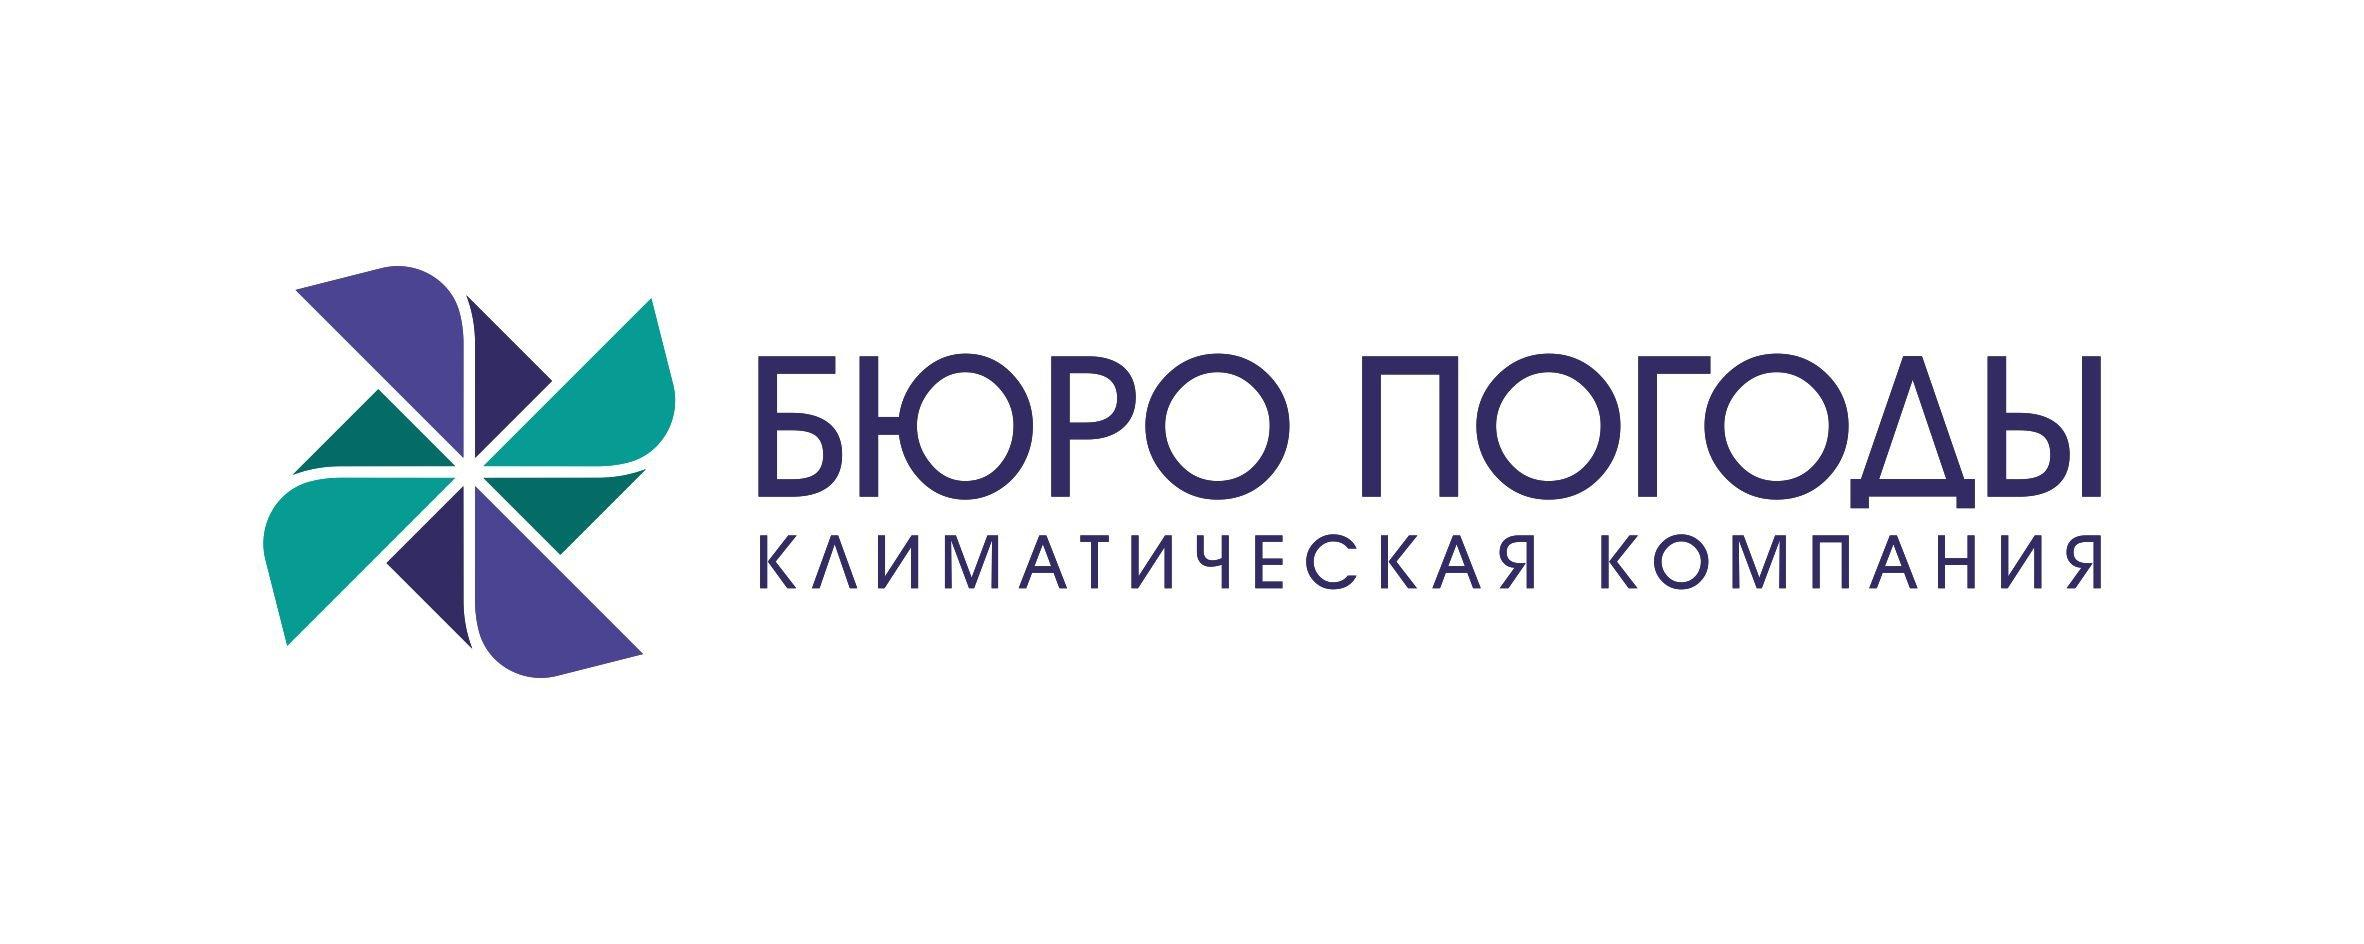 Балтийская климатическая компания официальный сайт сайт ляньбан строительная компания сайт